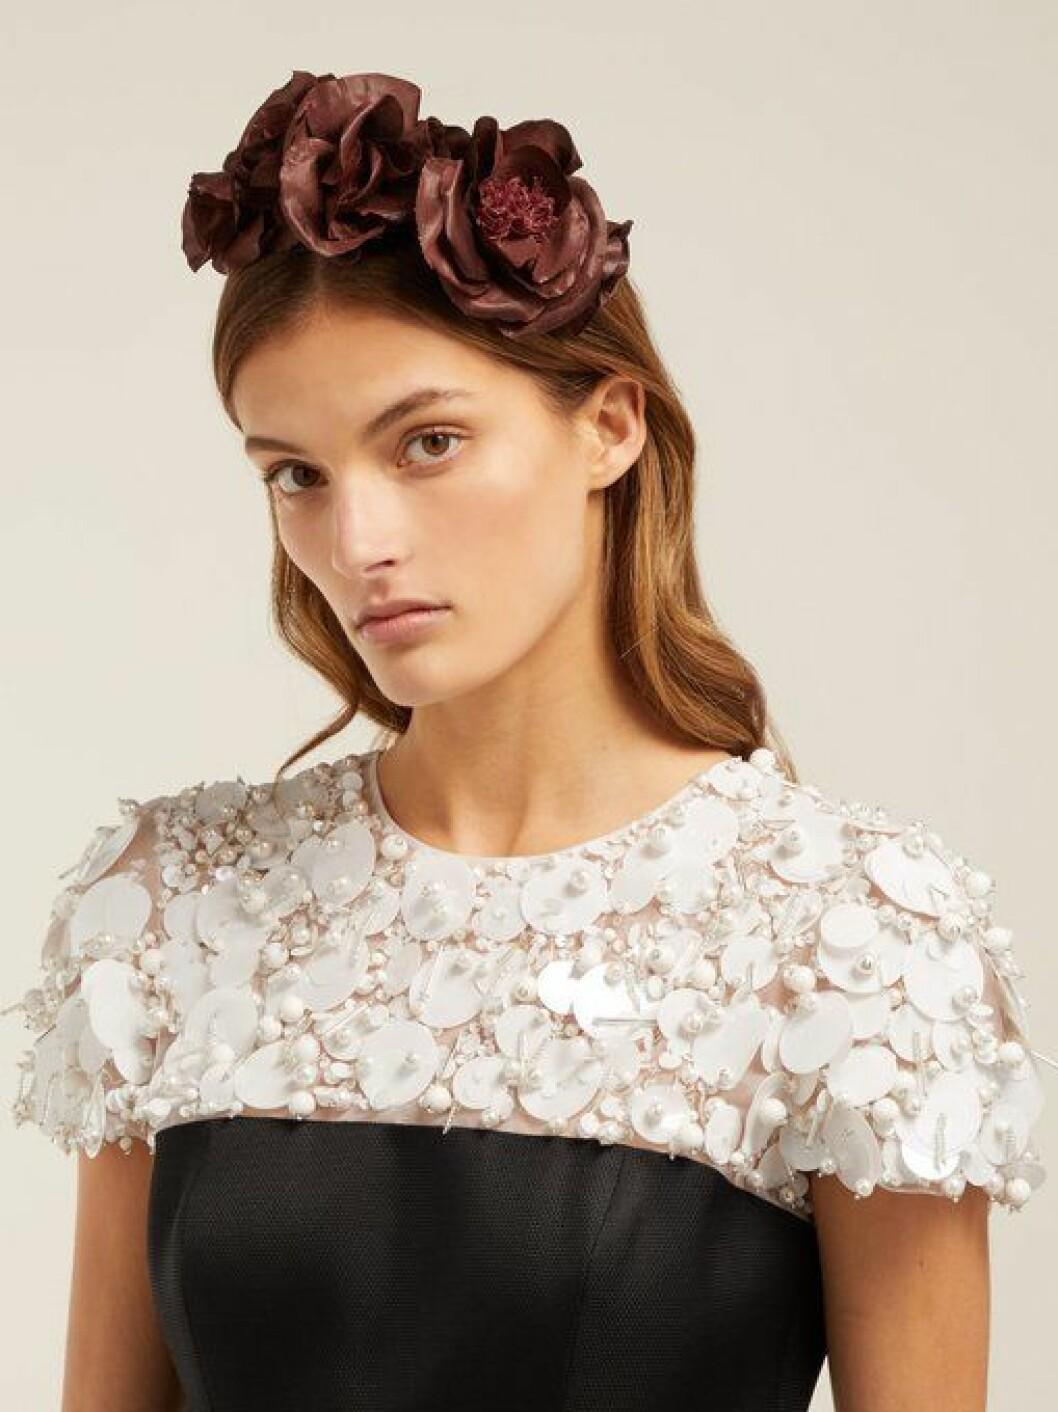 En bild på ett blomdiadem från Philippa Craddocks nya kollektion på Matchesfashion.com.